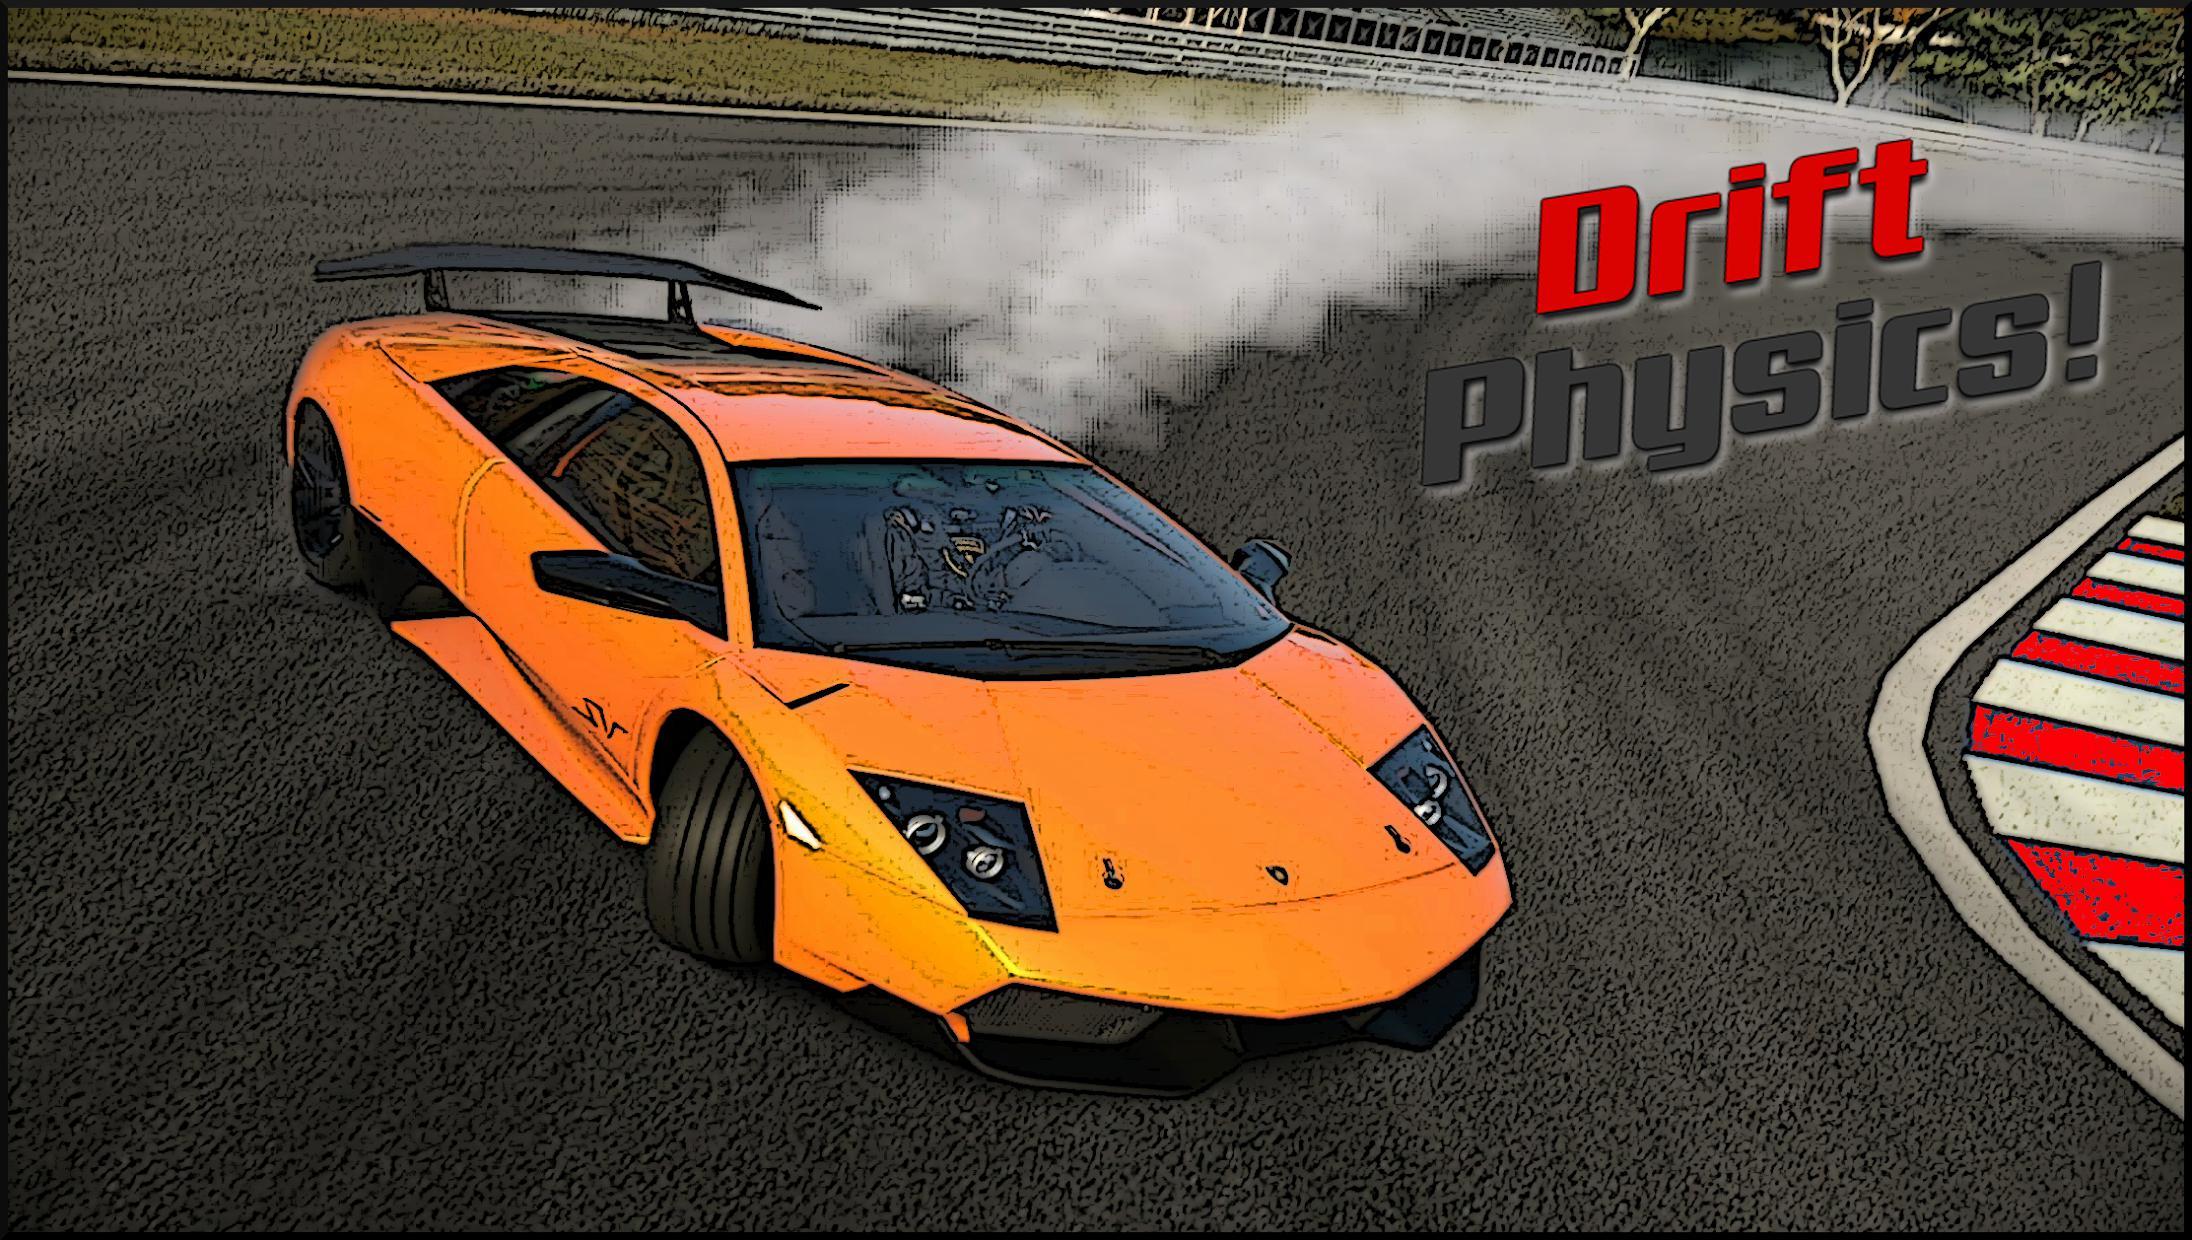 真正的漂移赛车 游戏截图3